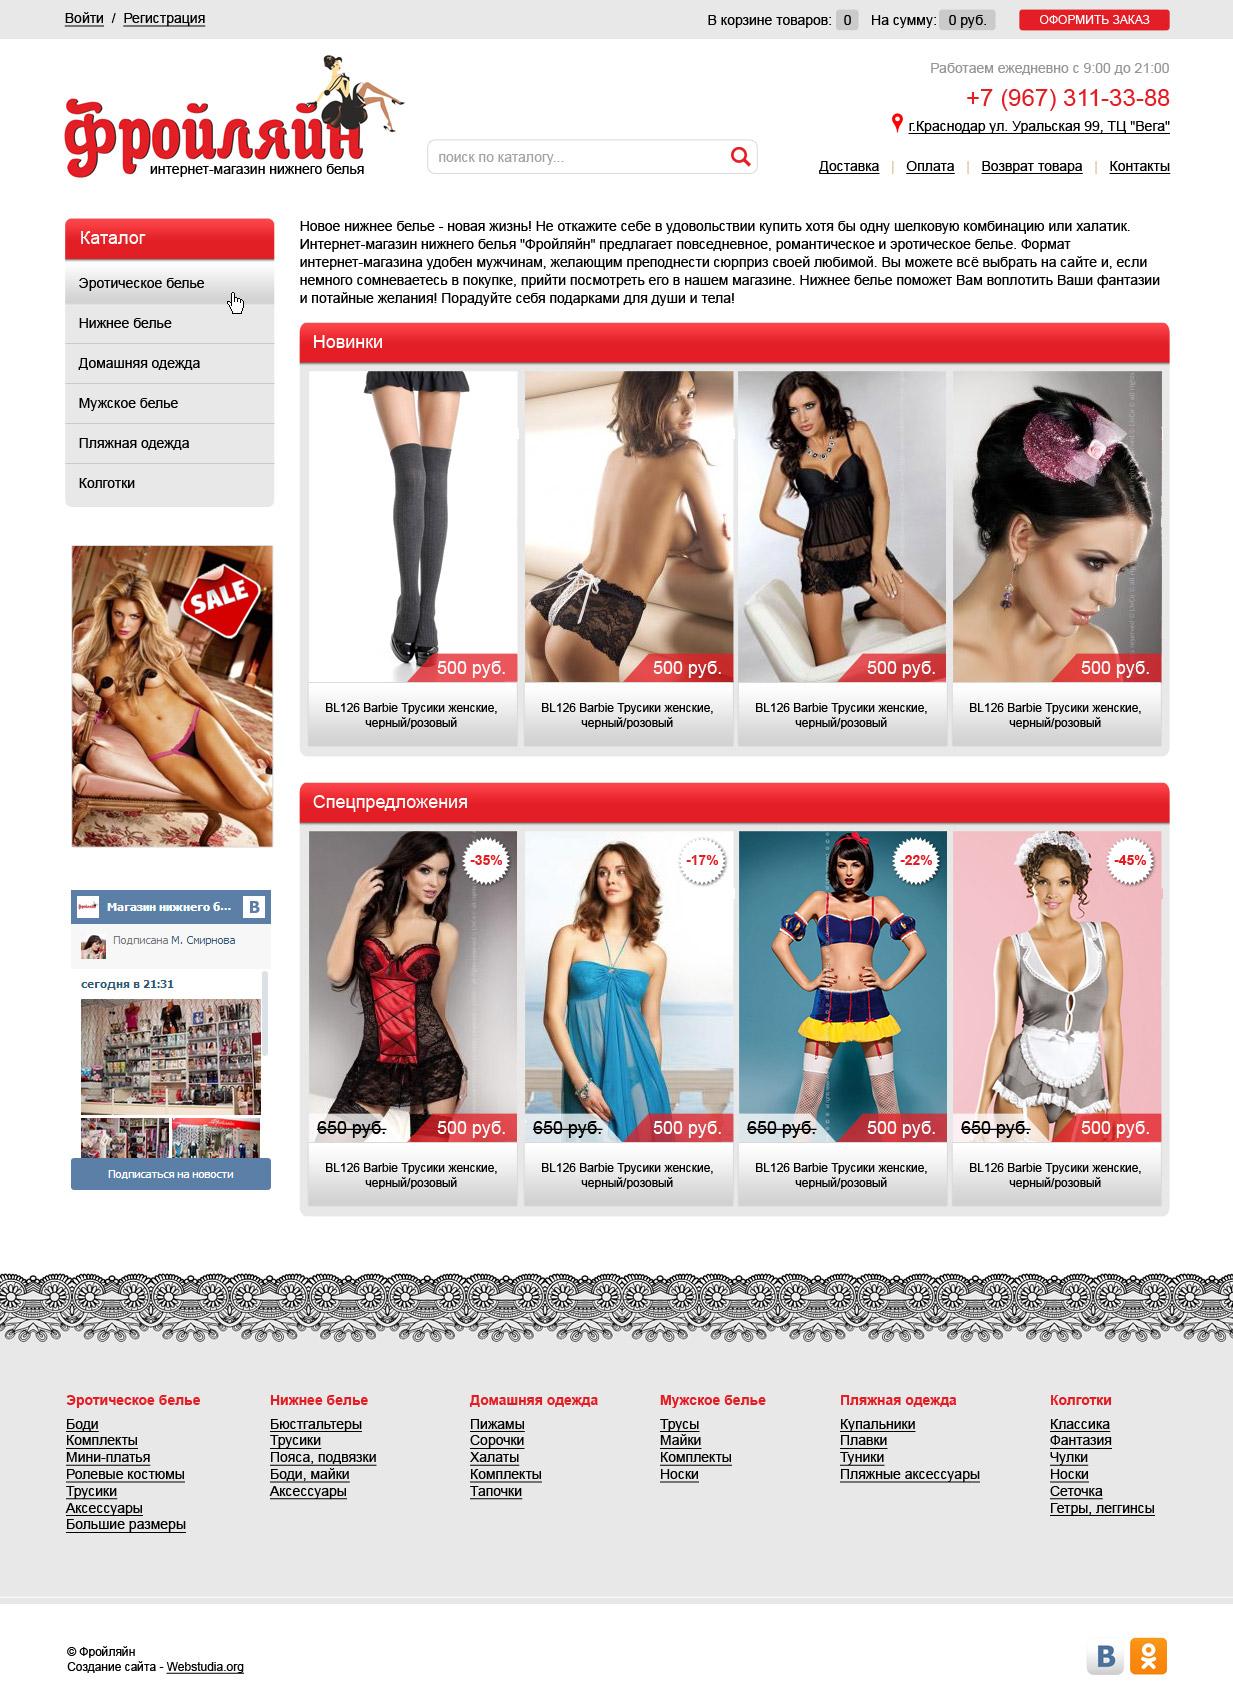 Интернет-магазин нижнего белья fraufrau.ru